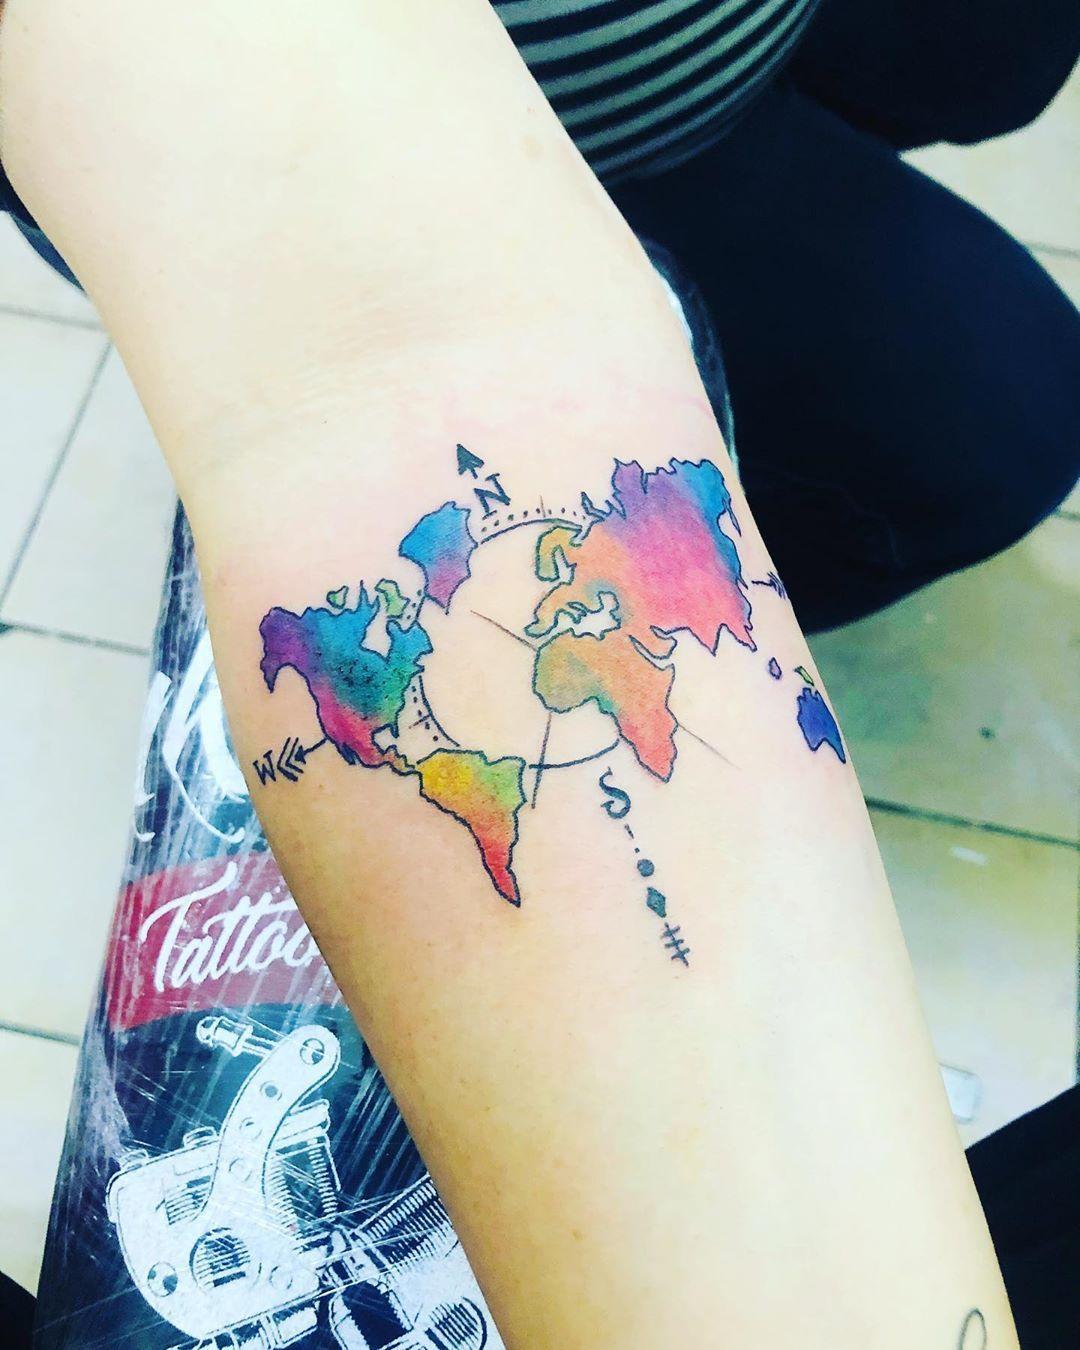 #tatuadoresmexicanos #tattooworld